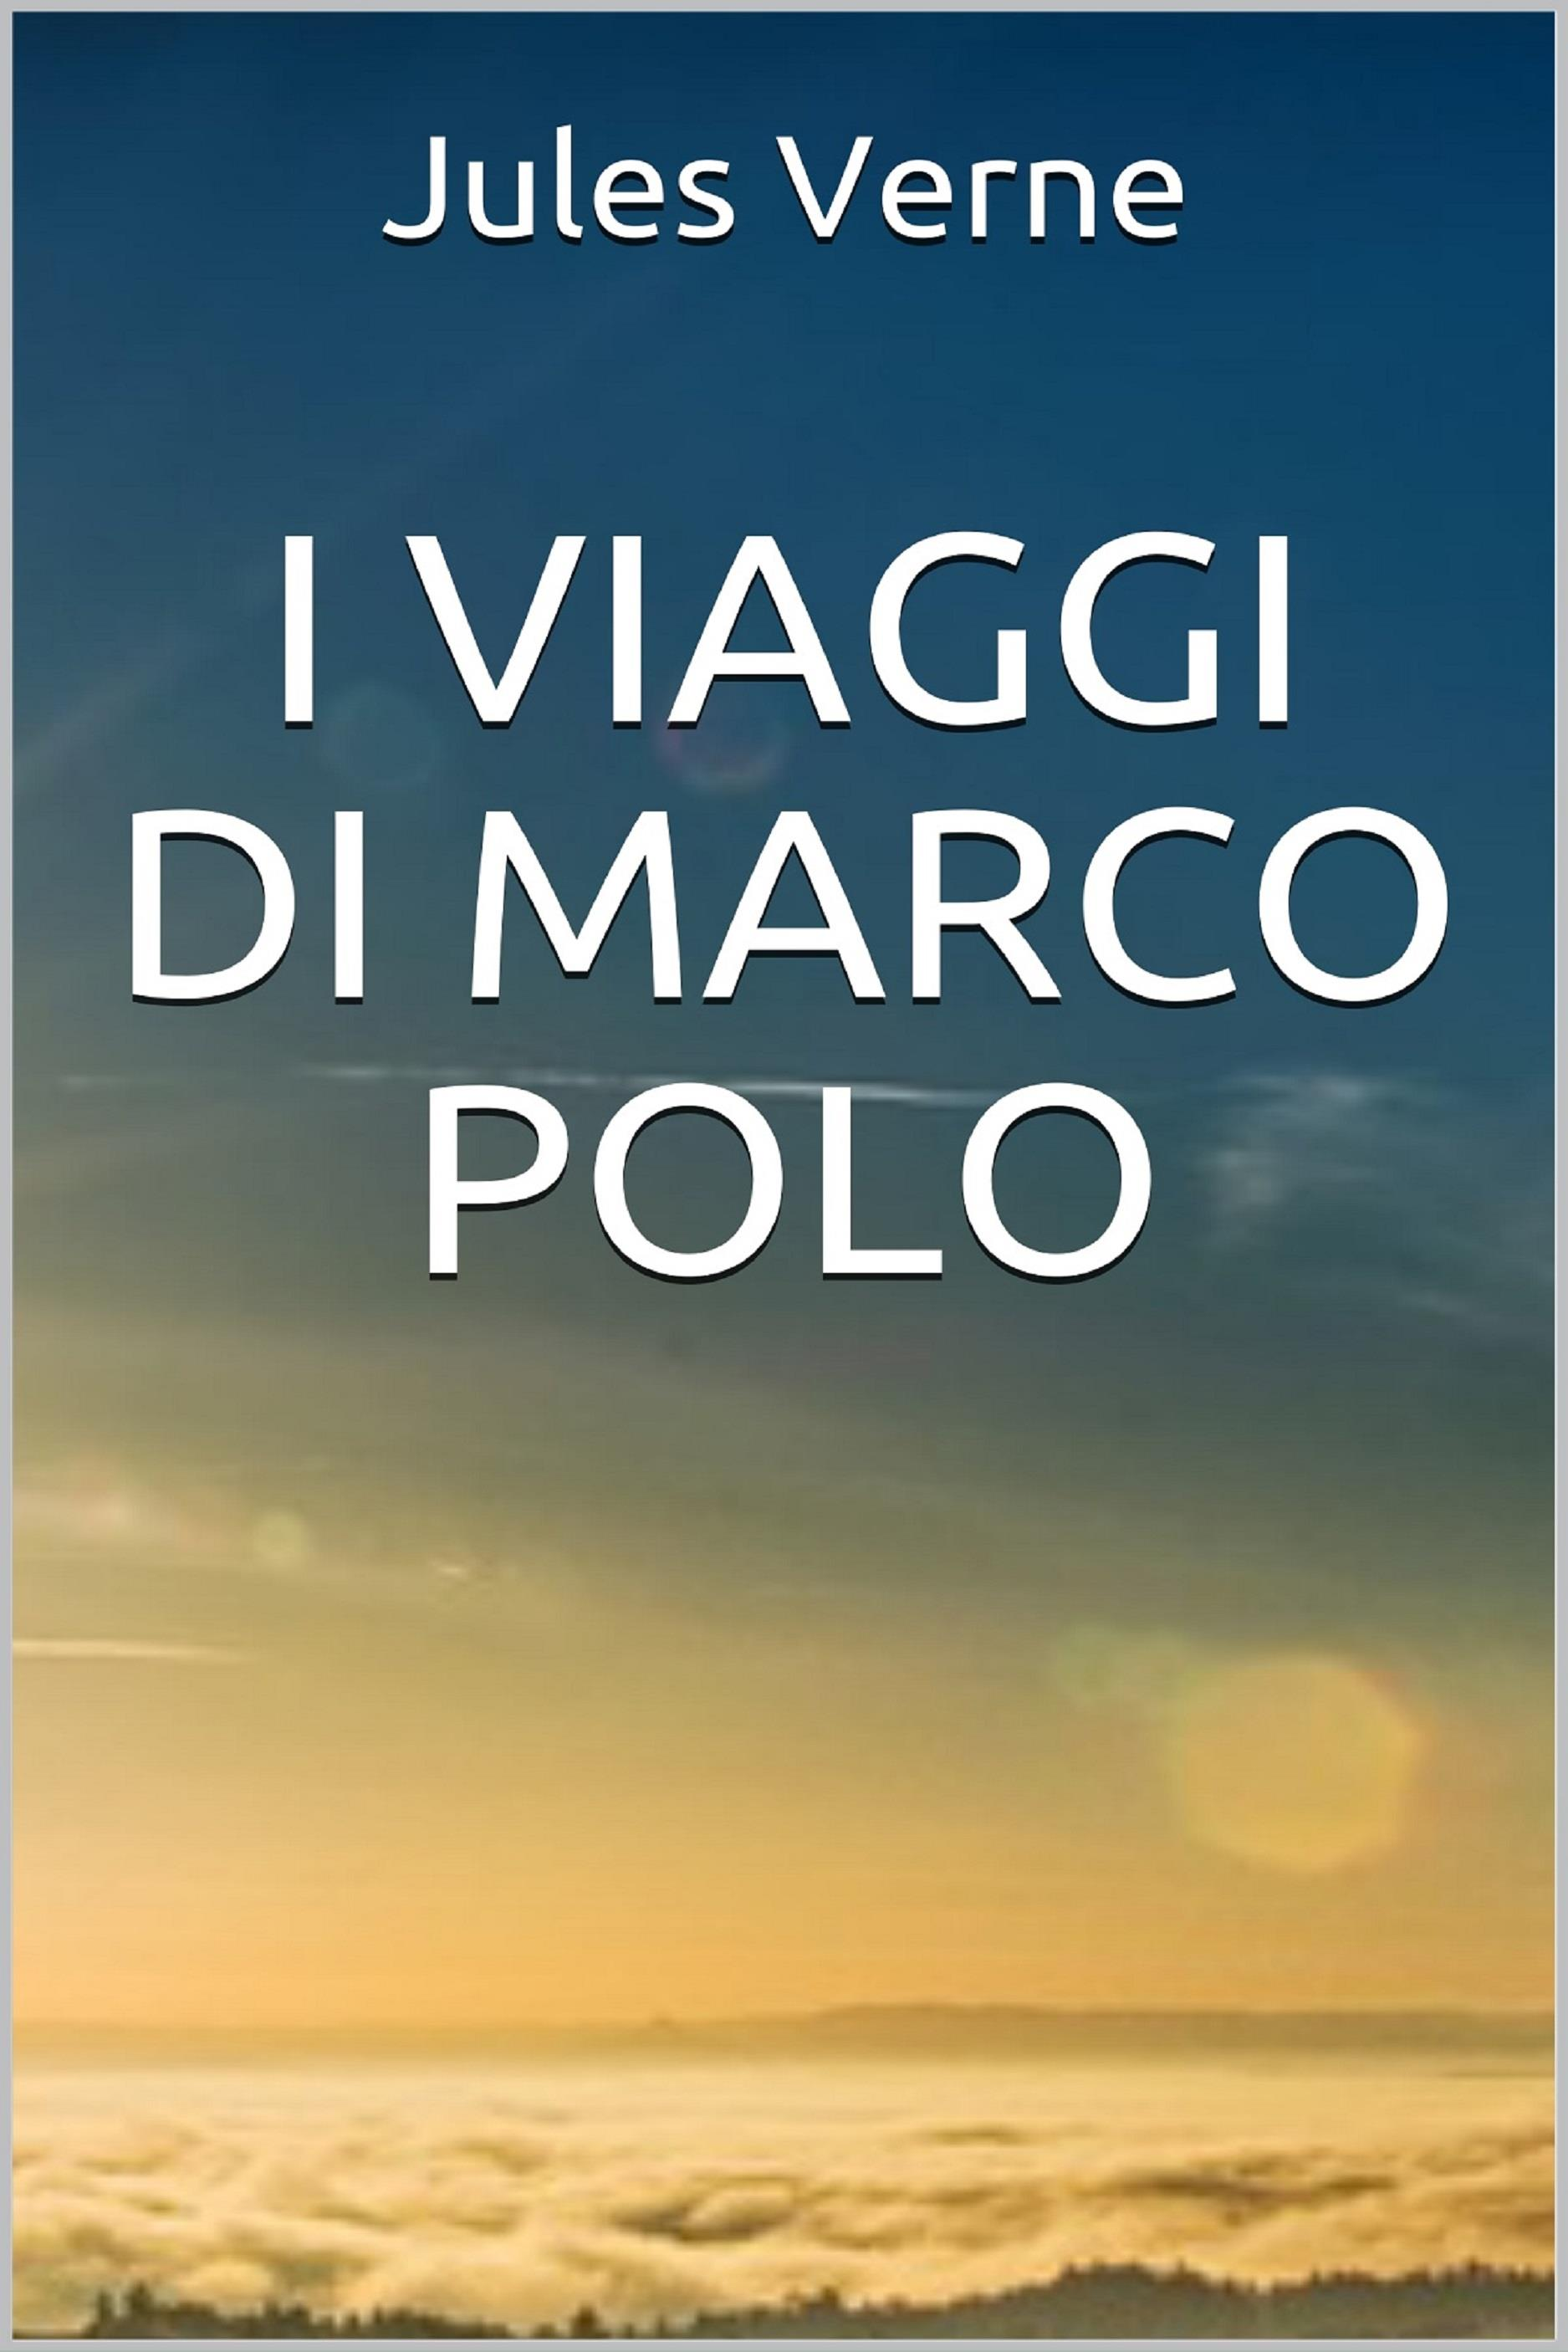 I Viaggi di Marco Polo - Unica versione originale